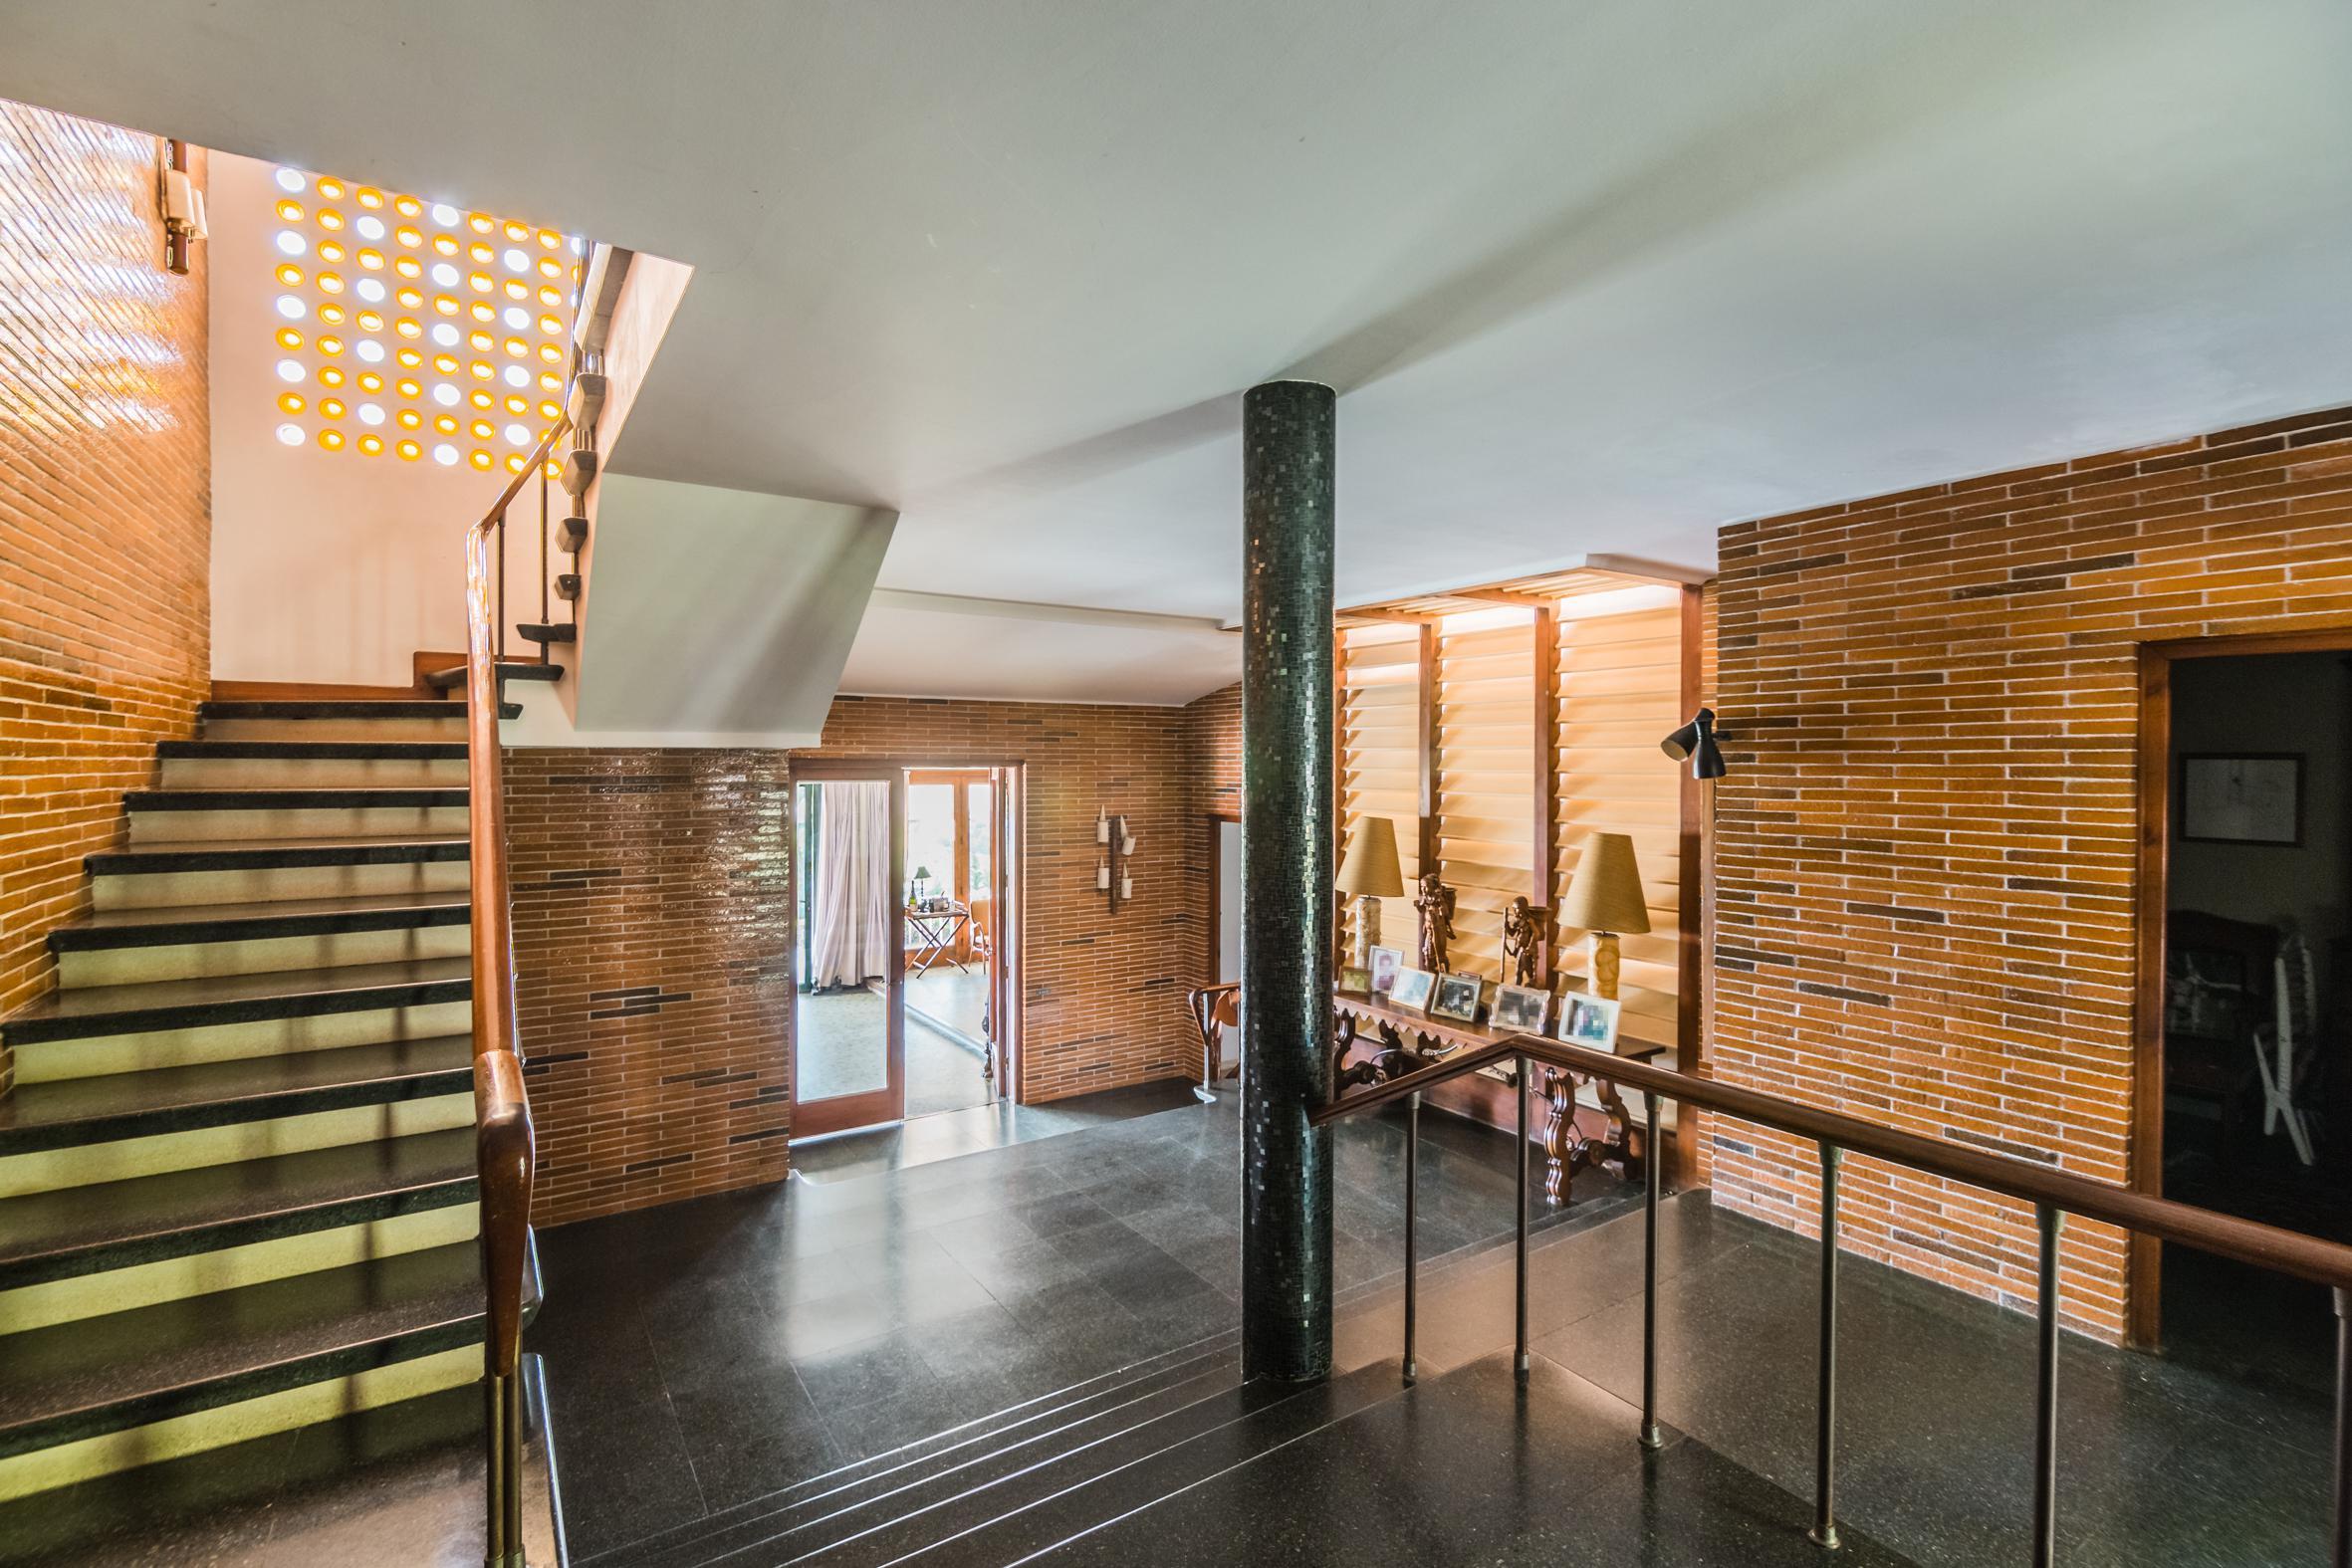 213533 Casa en venta en Sant Andreu de Llavaneres 7